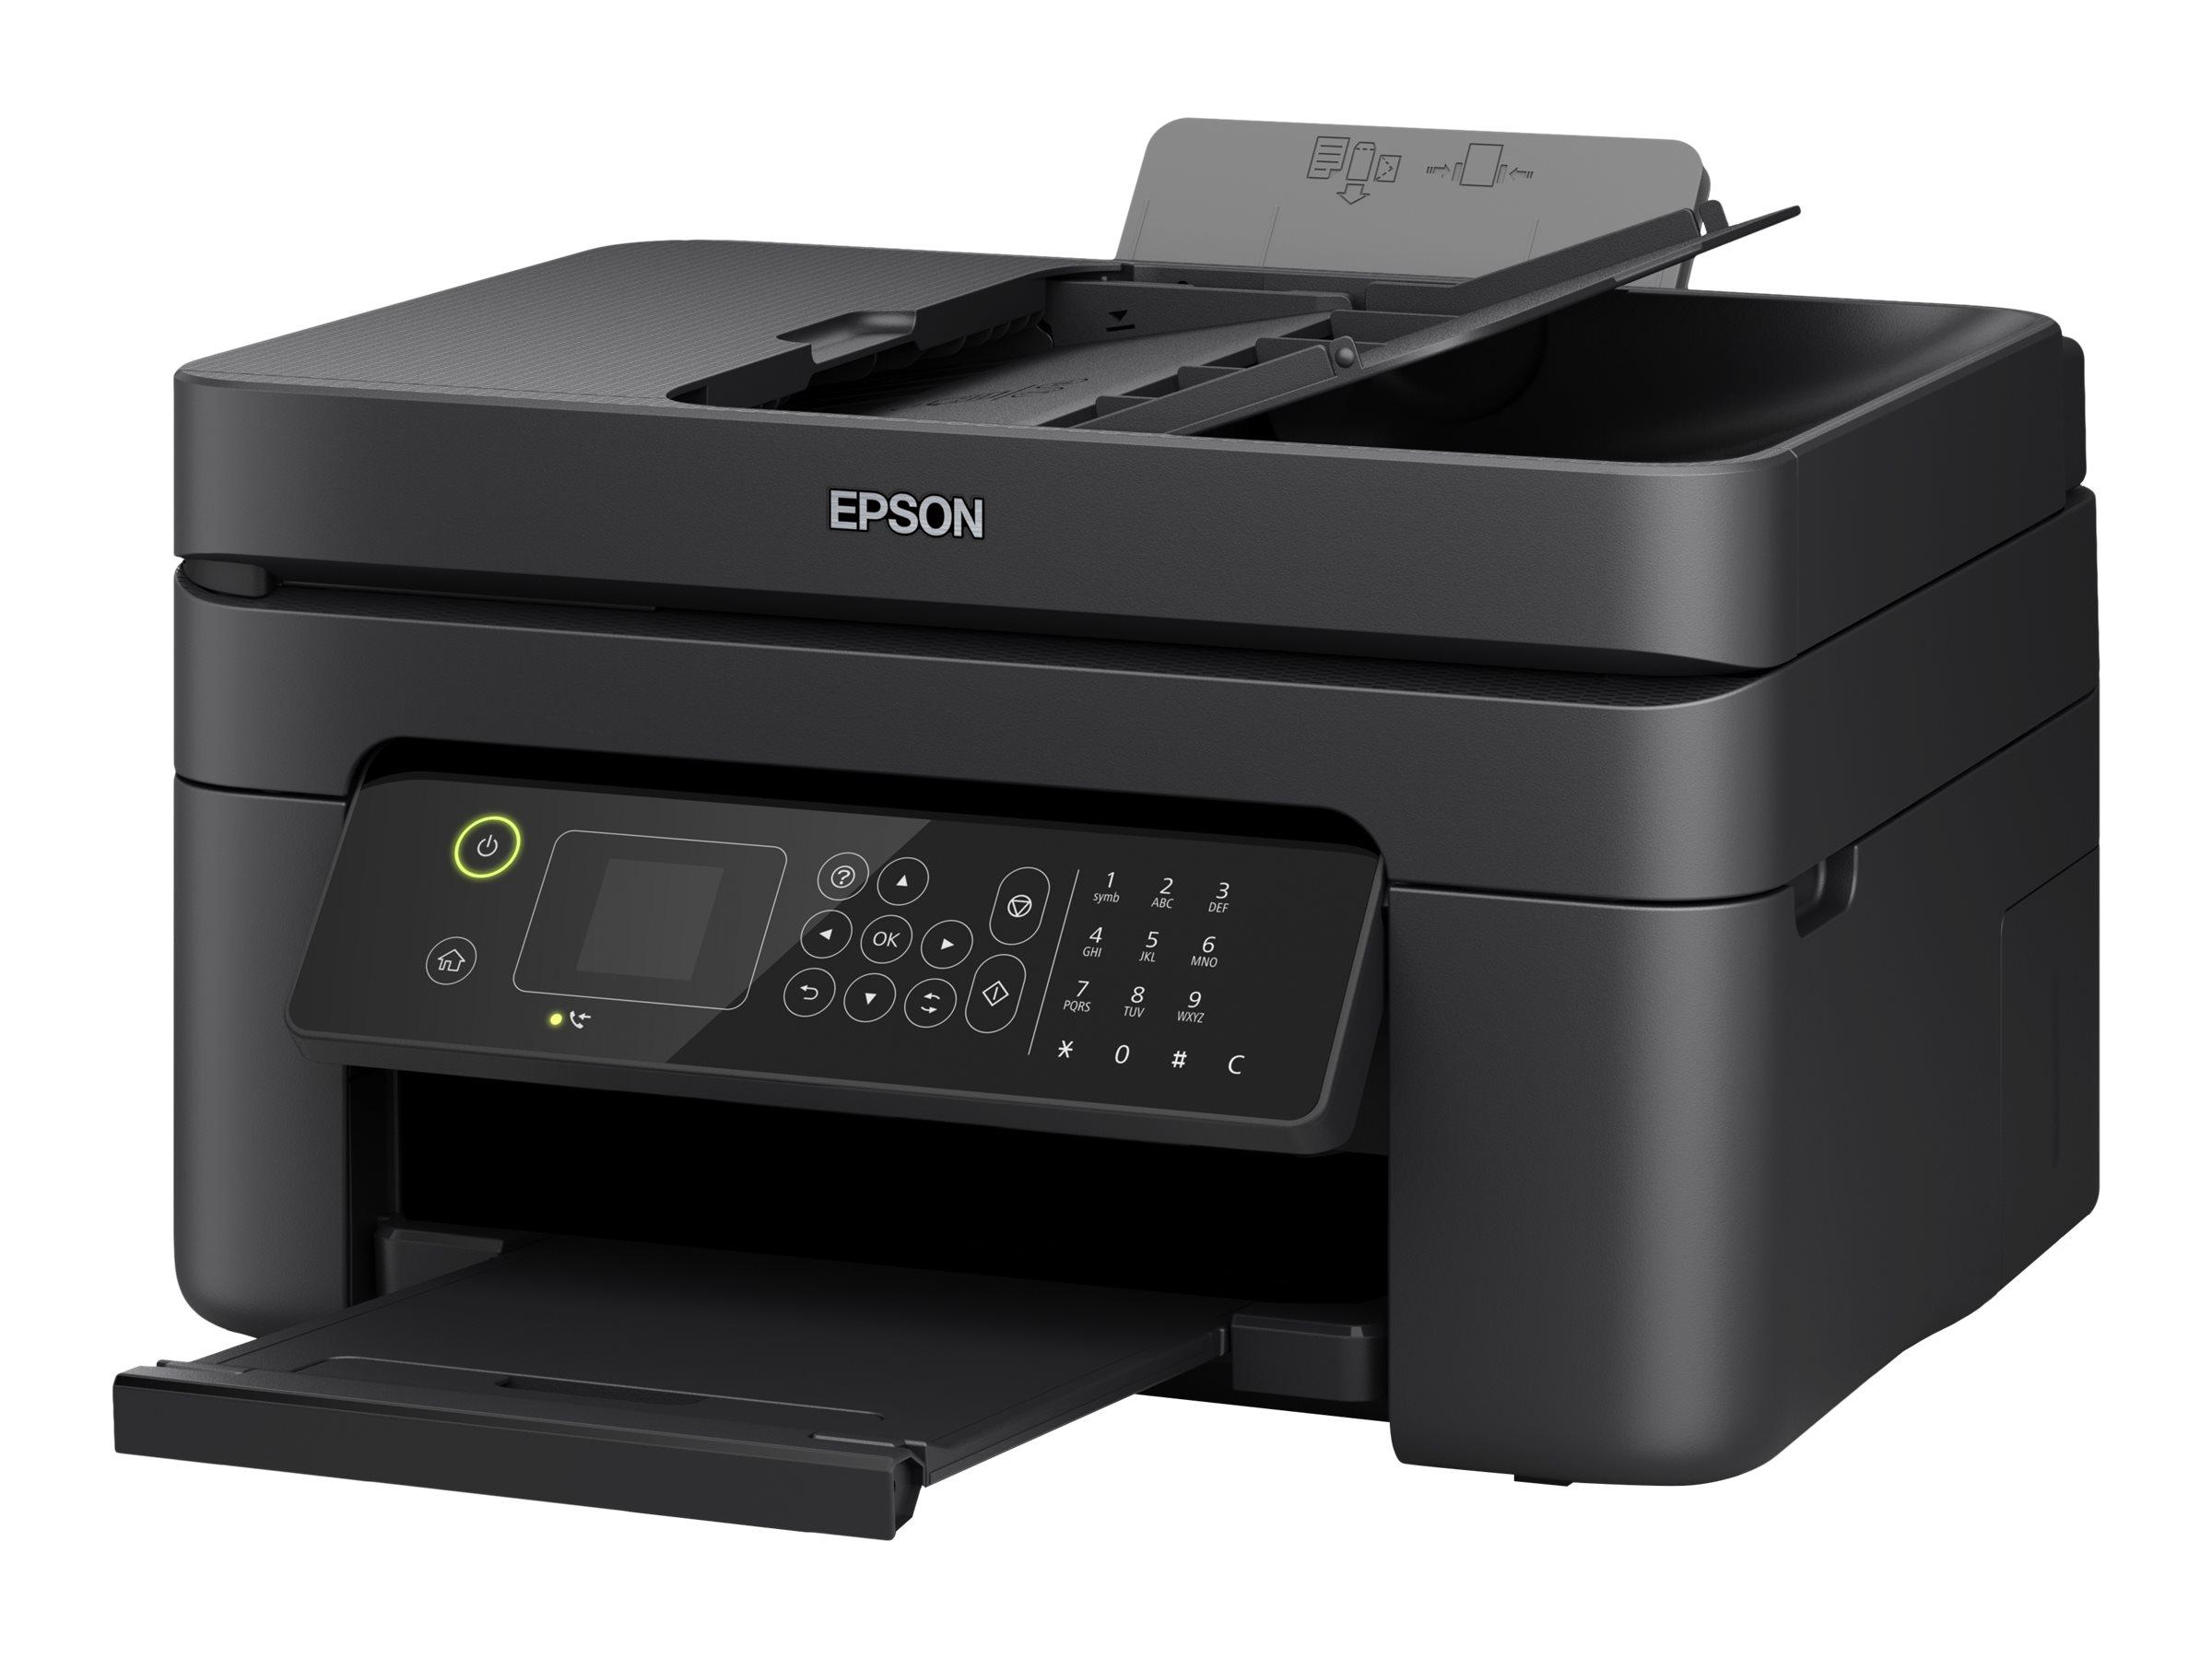 Epson WorkForce WF-2835DWF - Multifunktionsdrucker - Farbe - Tintenstrahl - A4/Legal (Medien) - bis zu 33 Seiten/Min. (Drucken)